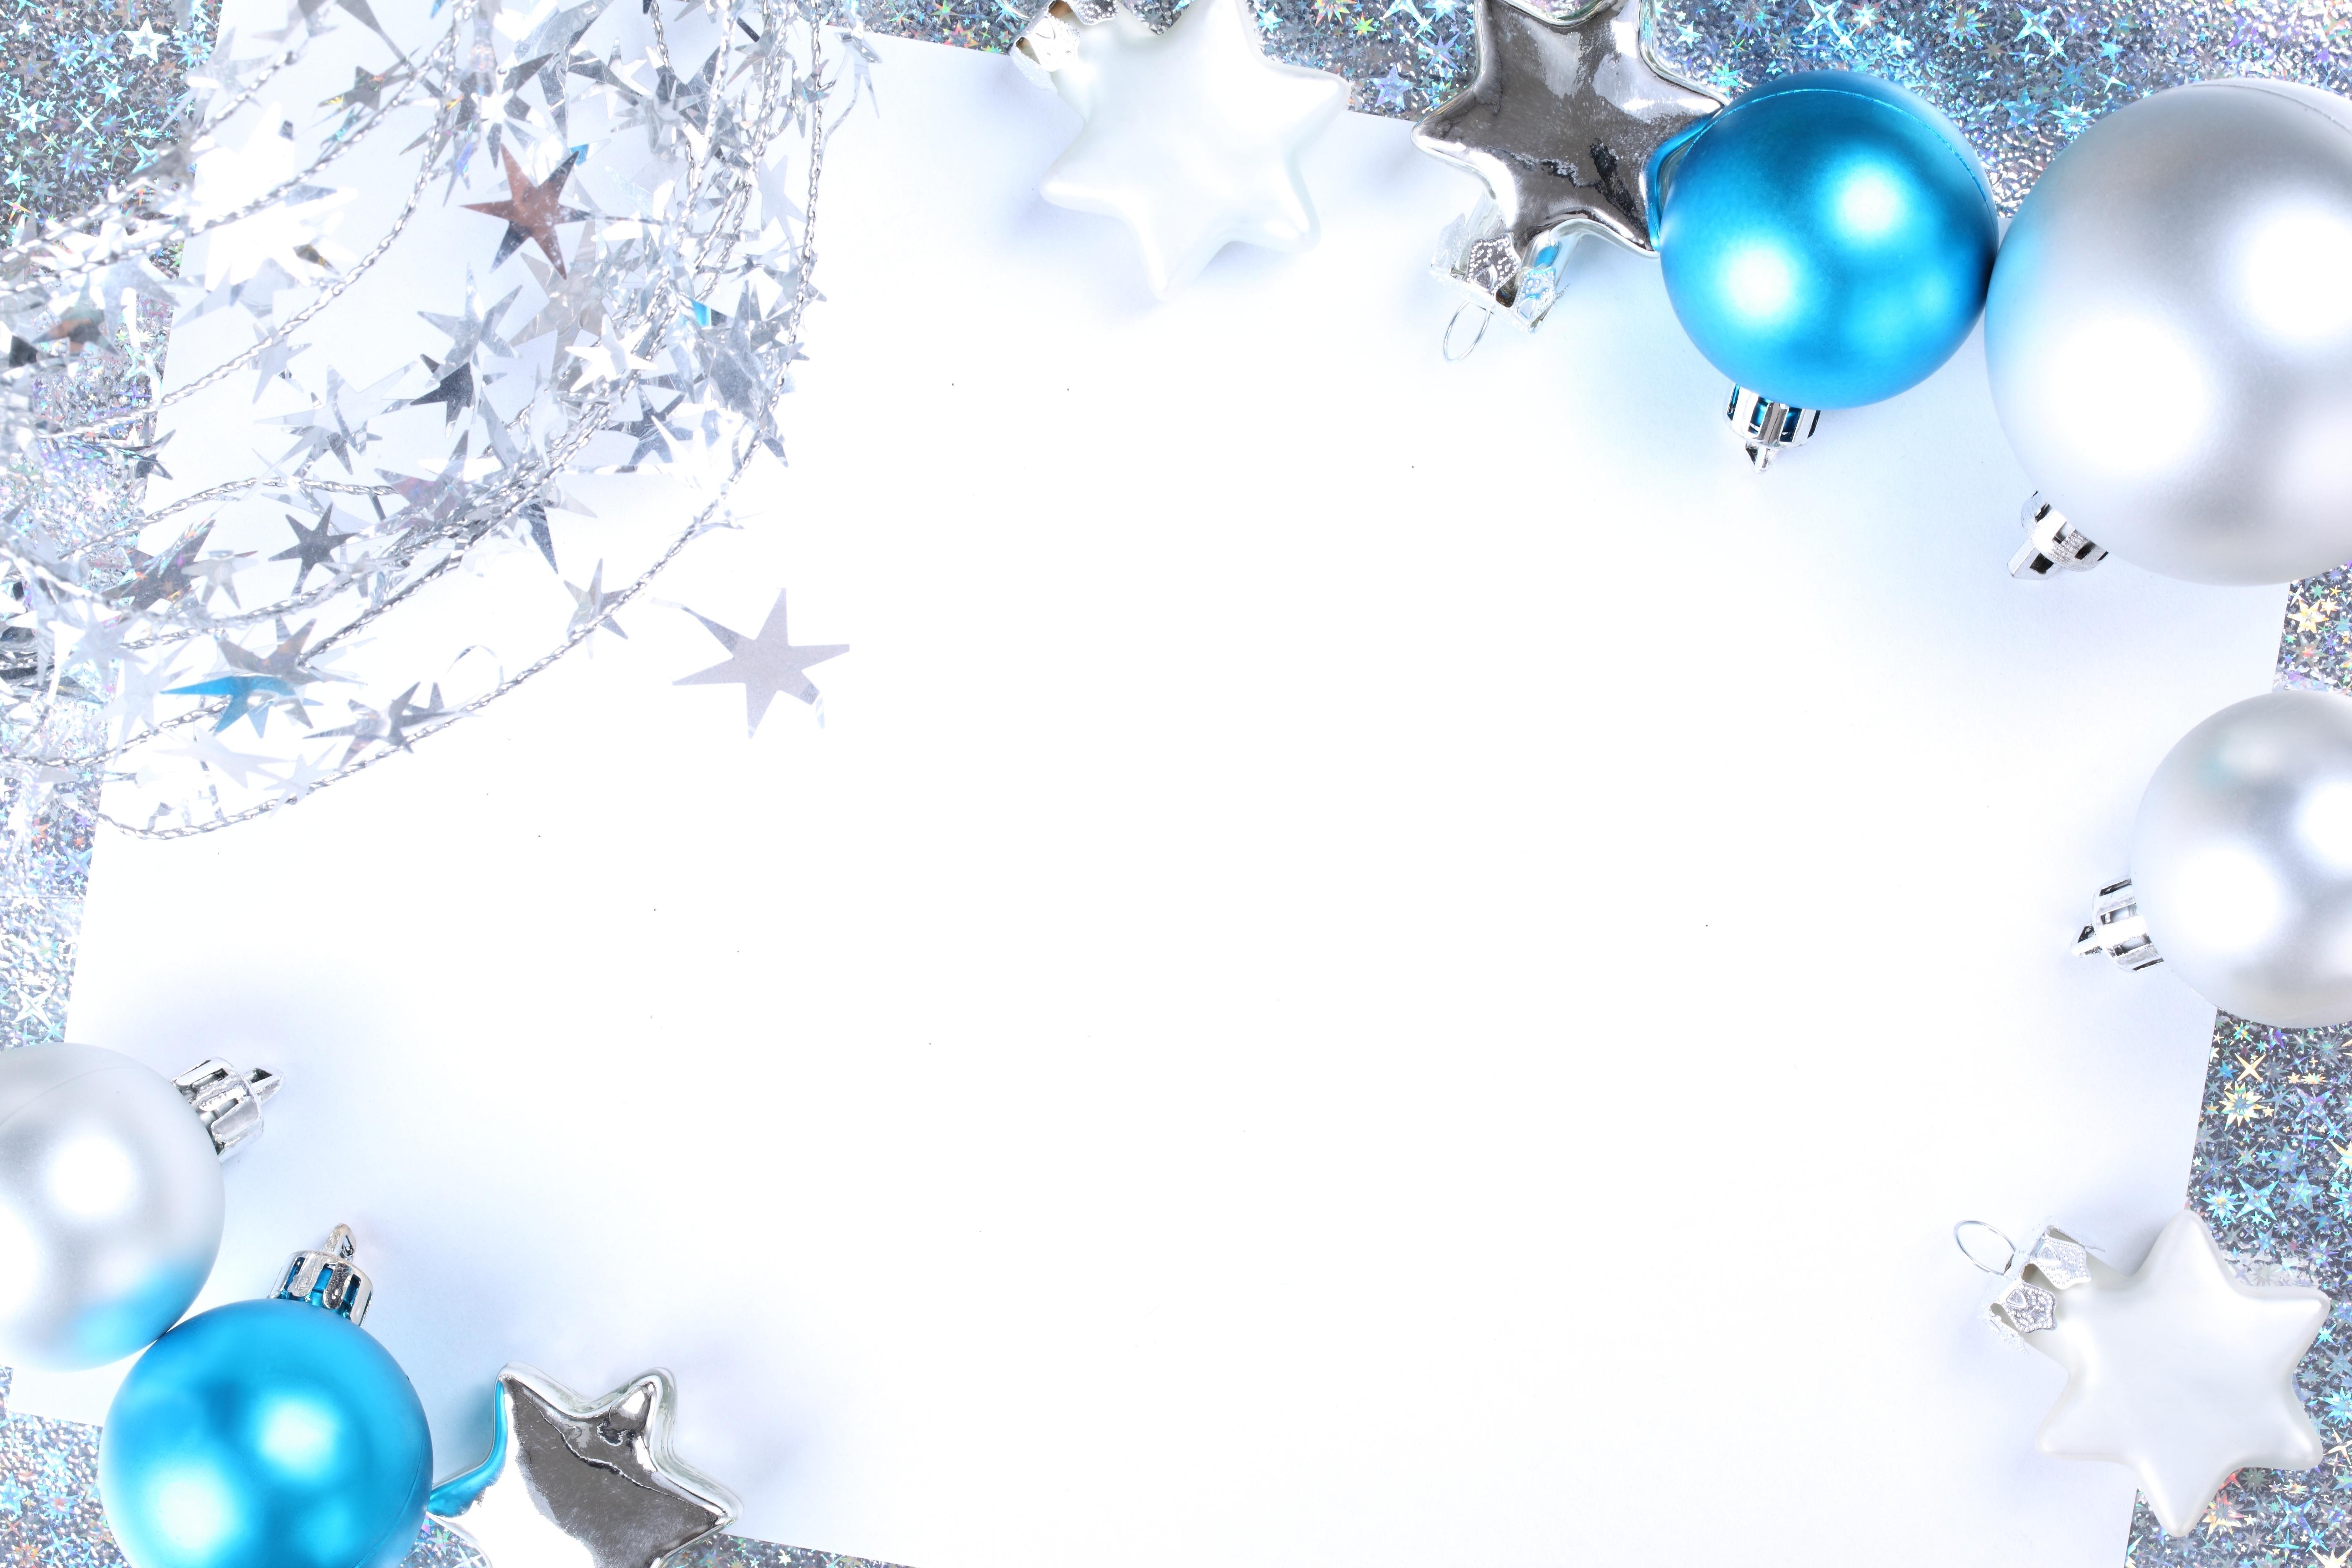 Фон для новогоднего поздравления 73